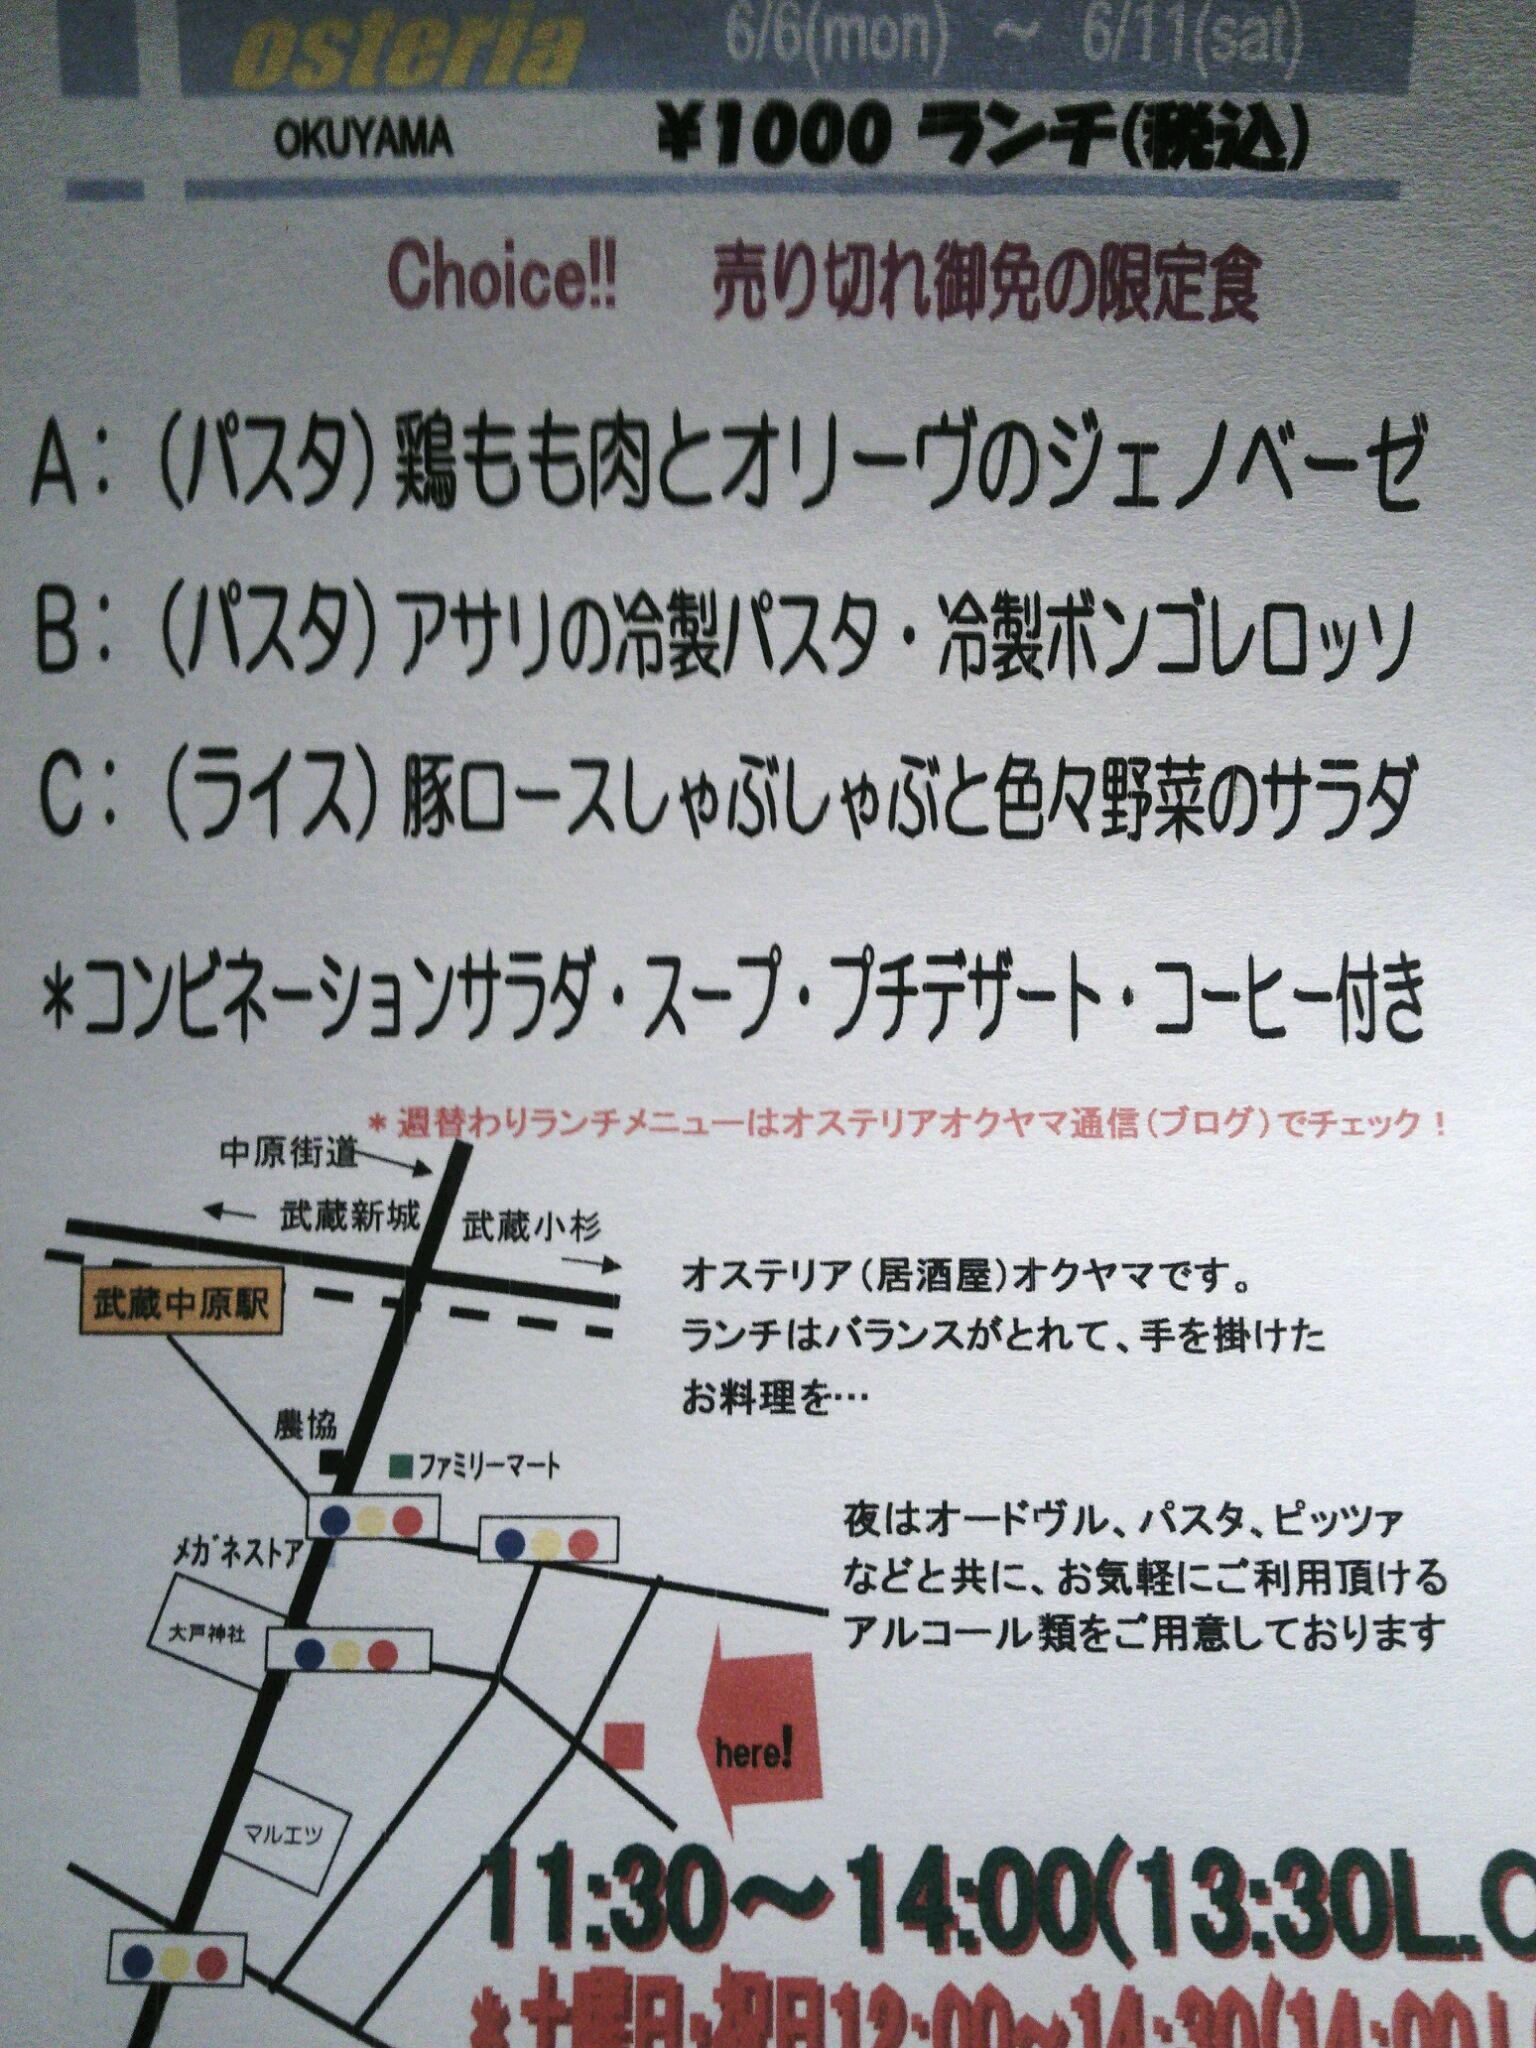 6/6(月)〜6/11(土)ランチ